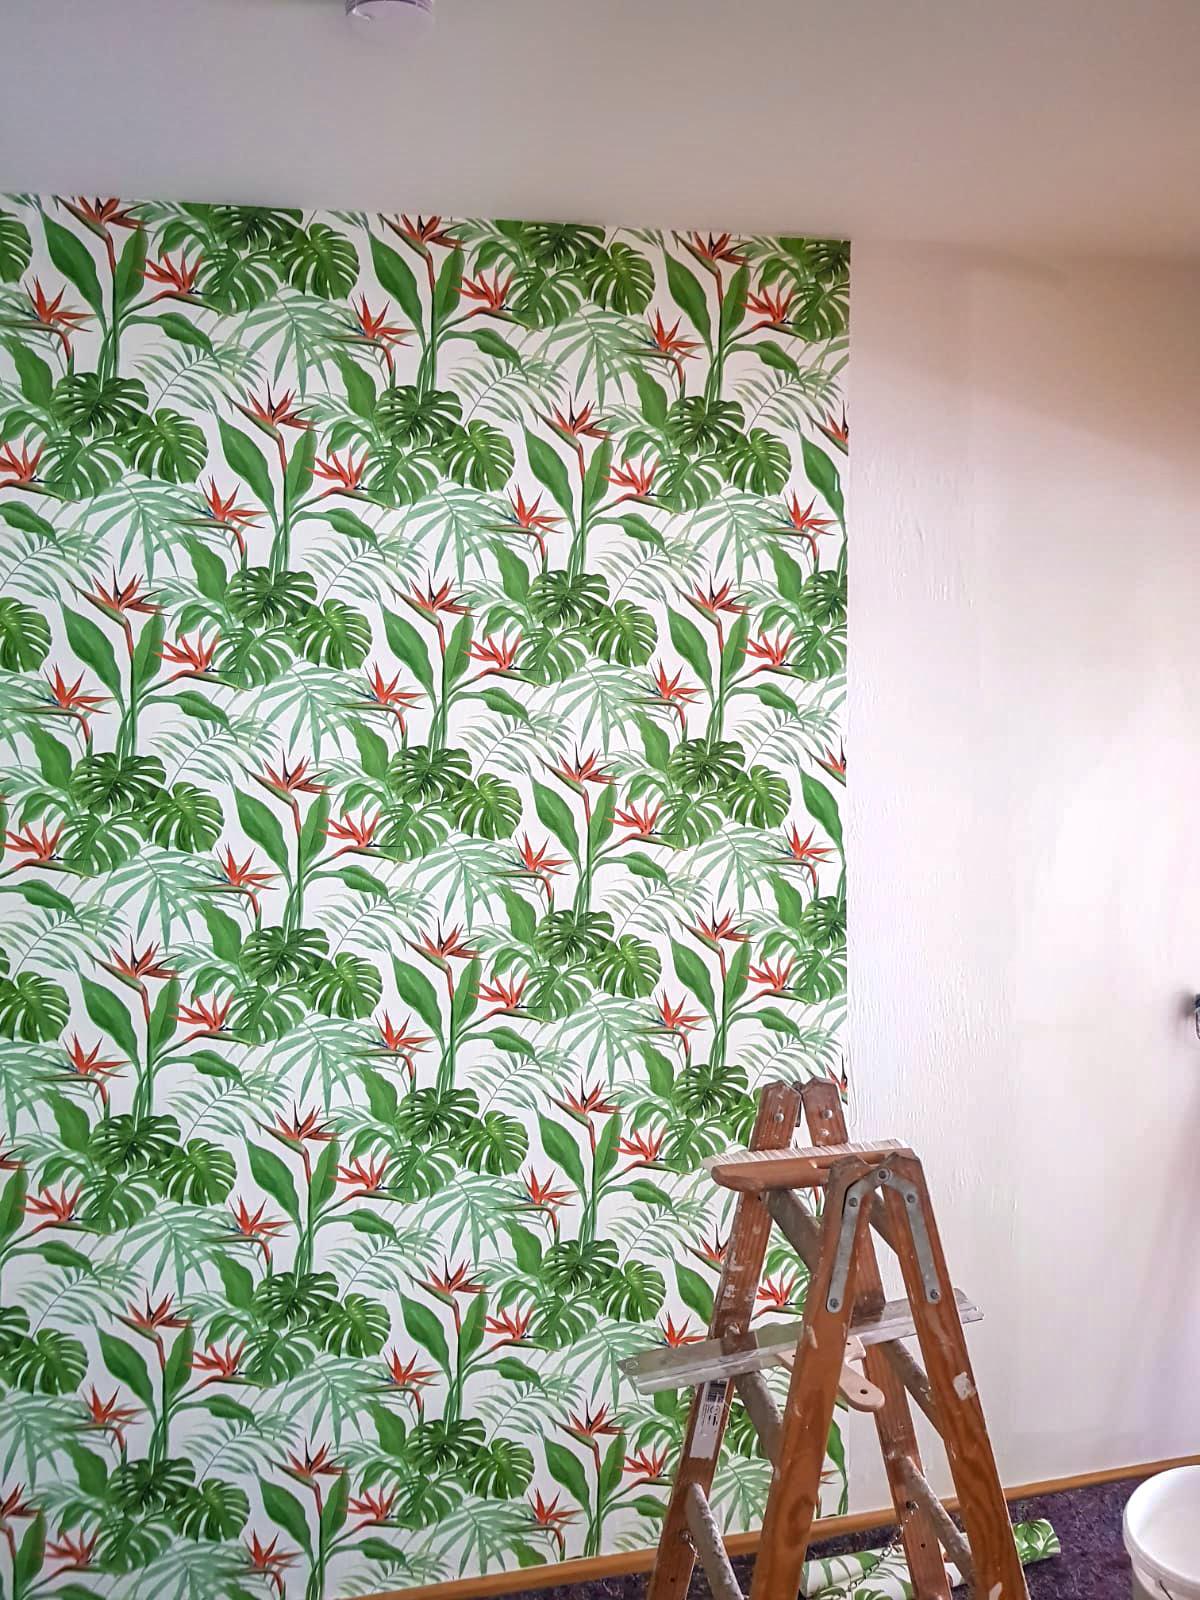 Malerarbeiten und Innenraum 9